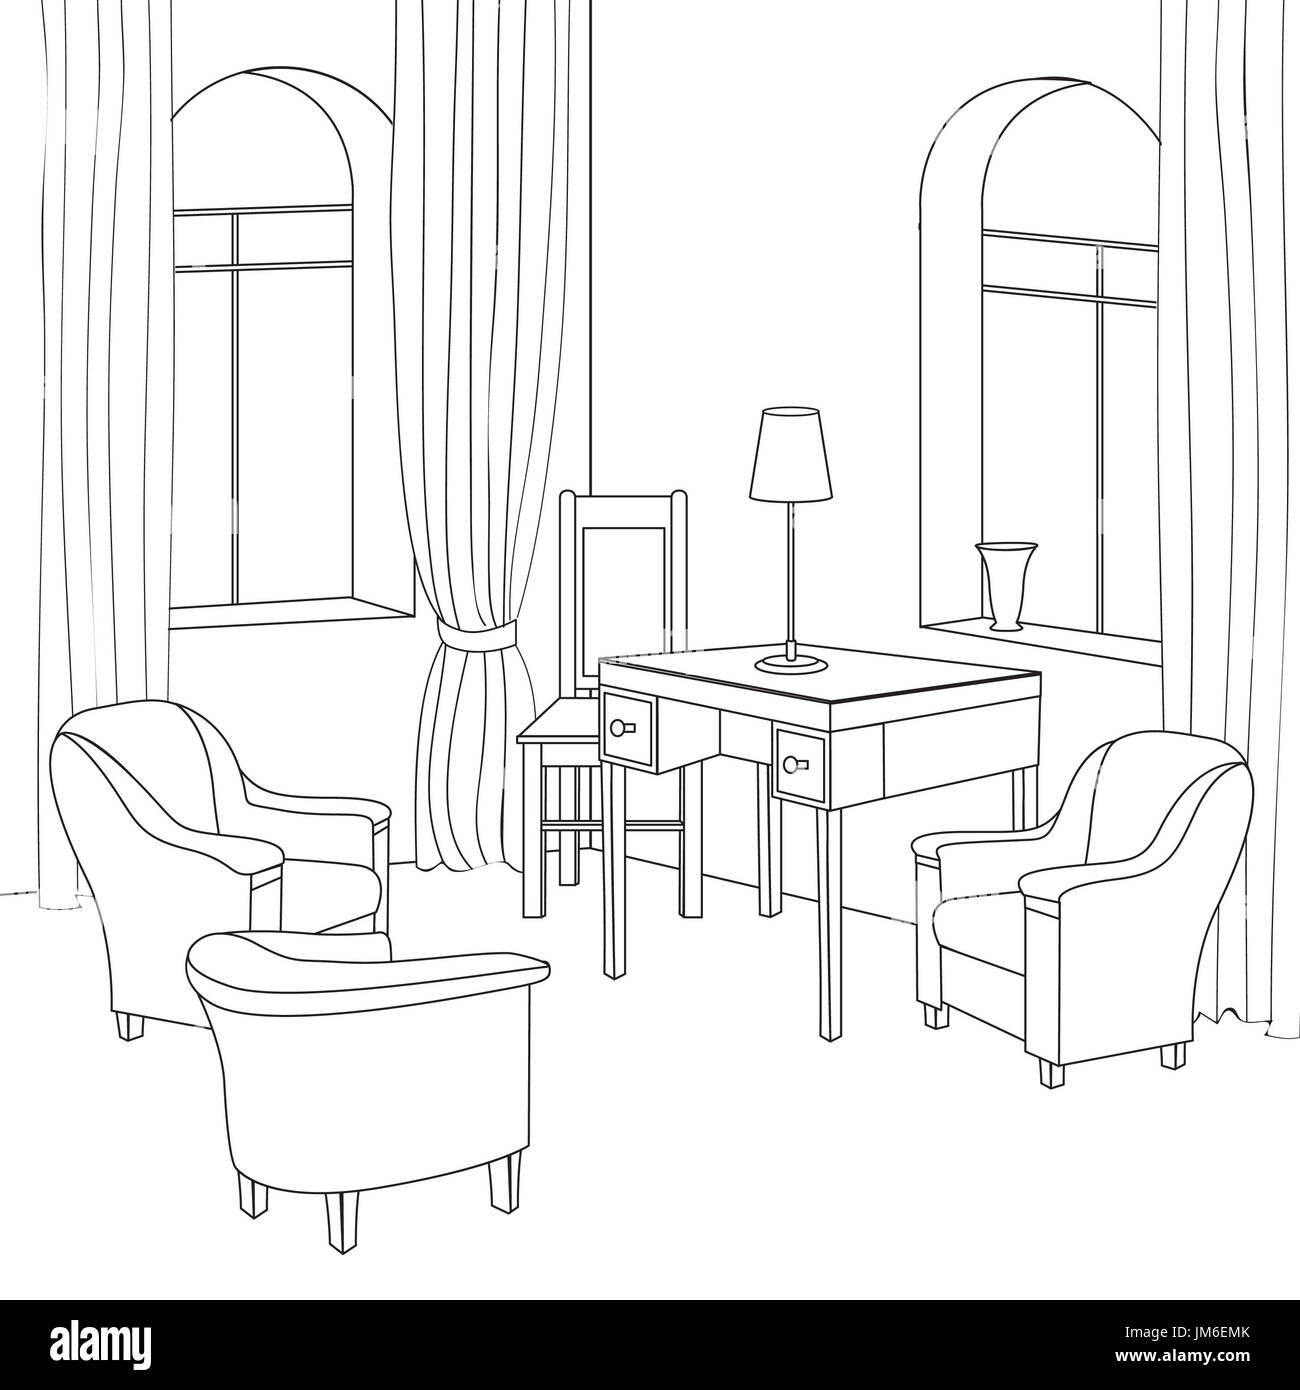 D'intérieur Mobilier De Salon Accueil Avec CanapéFauteuilTable 5qRj3L4A